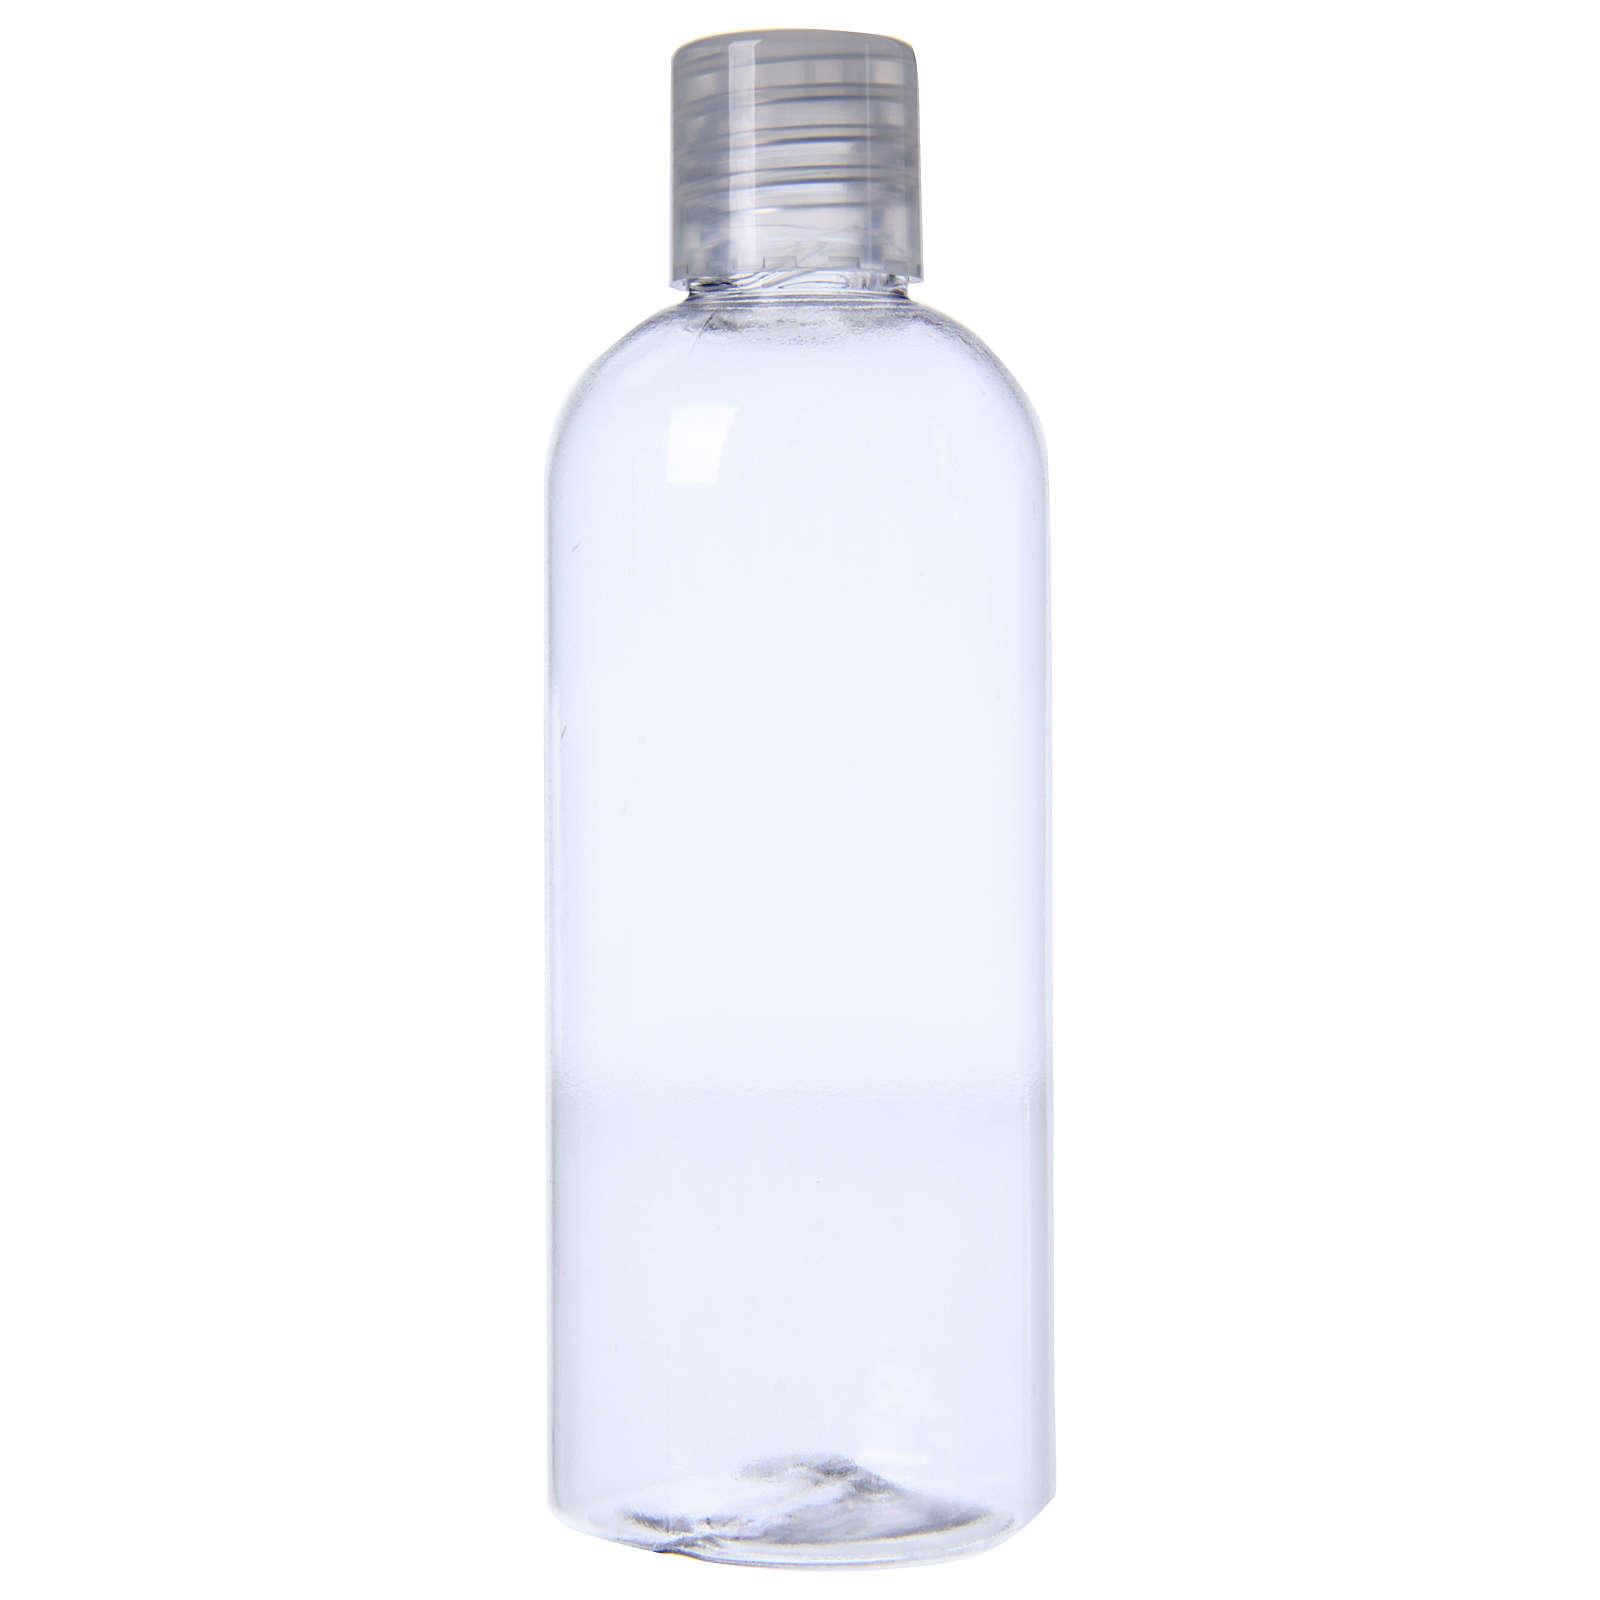 Bottiglie acquasanta 100 ml cilindrica 100 pz 3